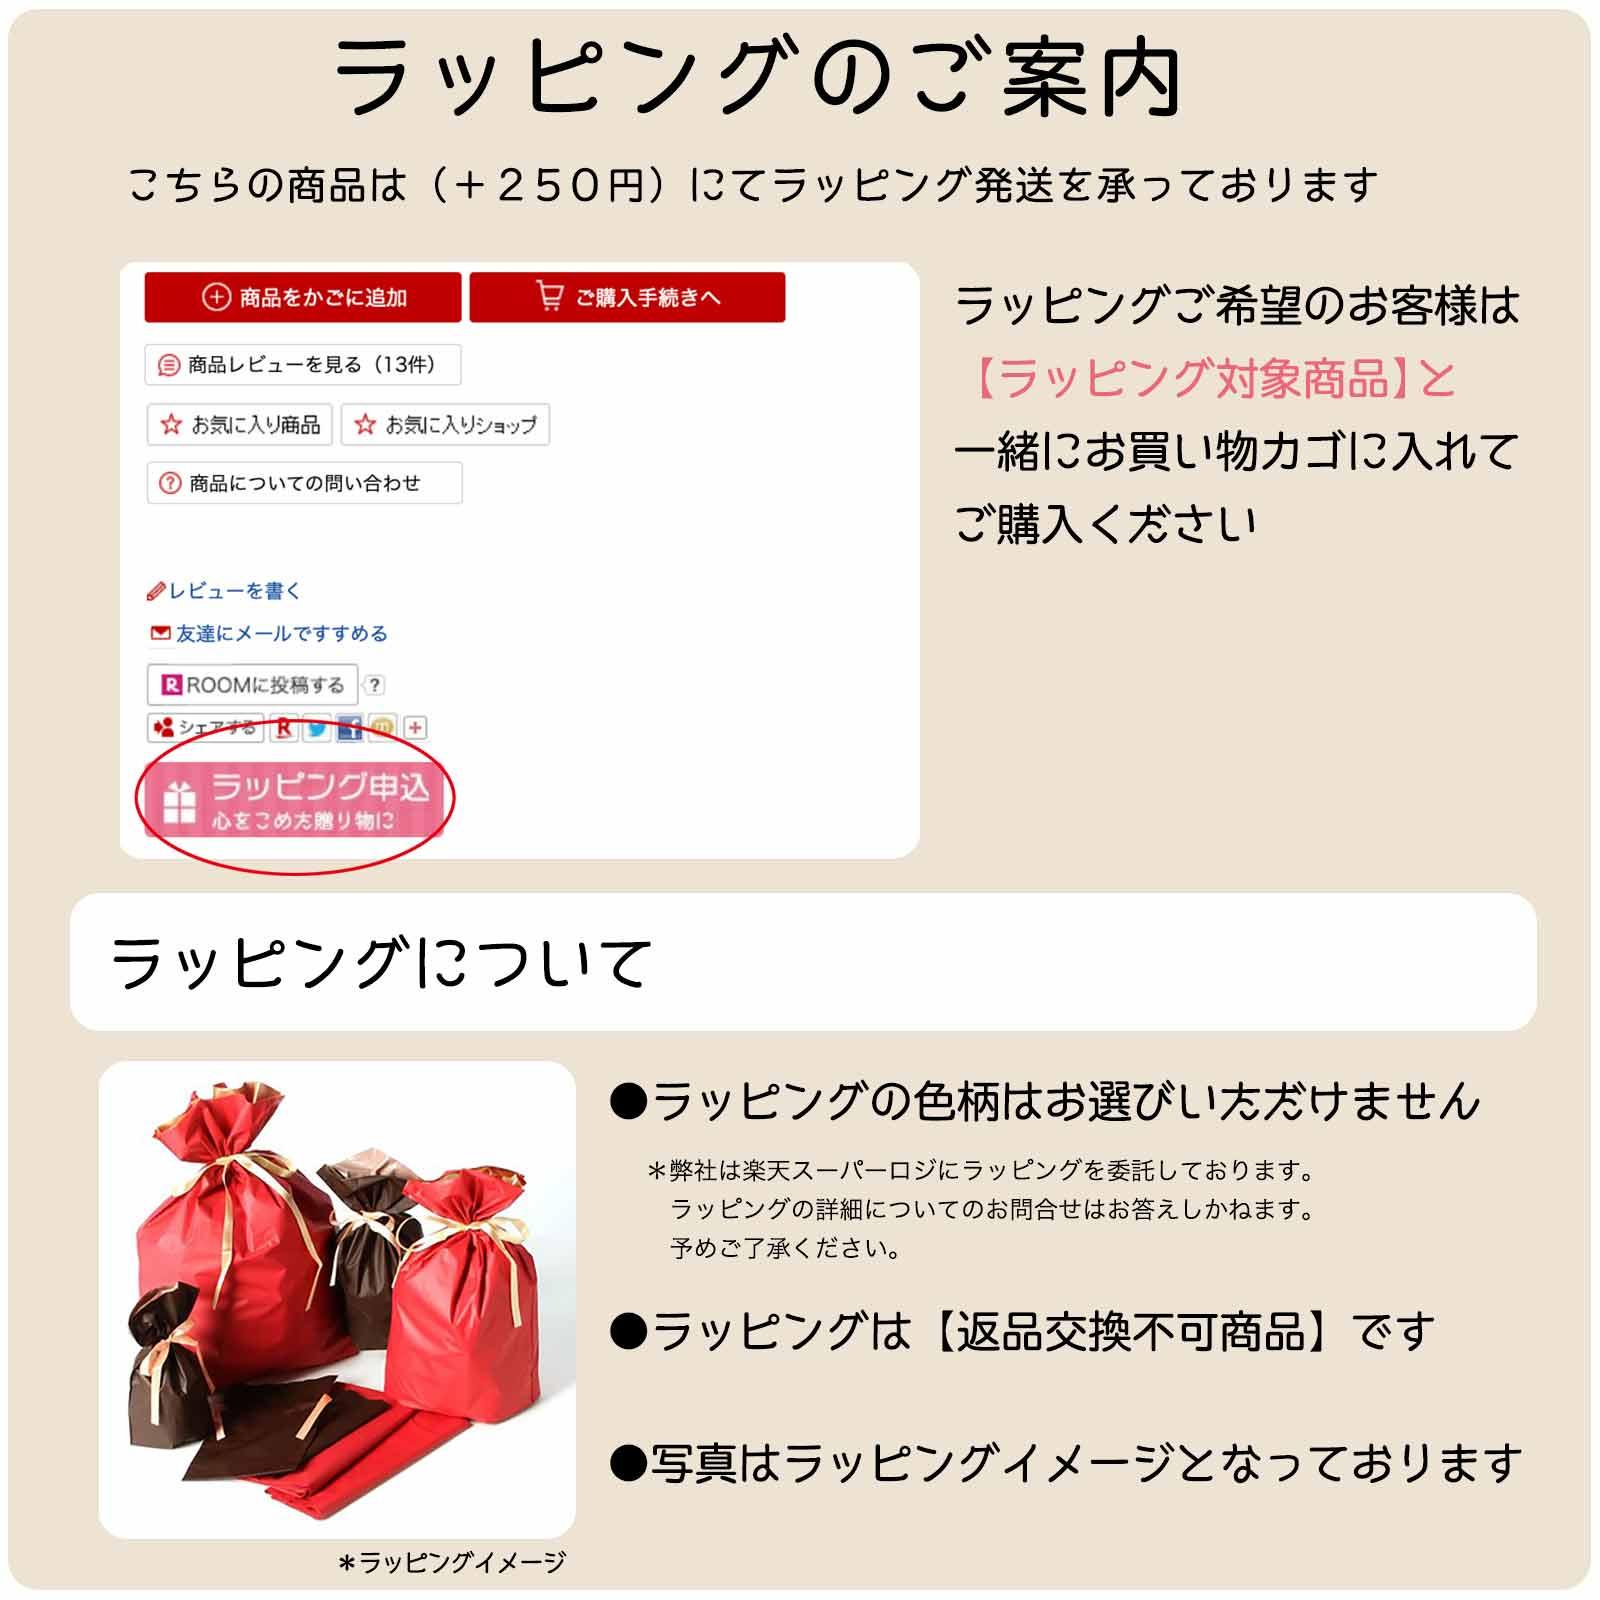 【ラッピング対象商品用】プレゼント用ラッピング